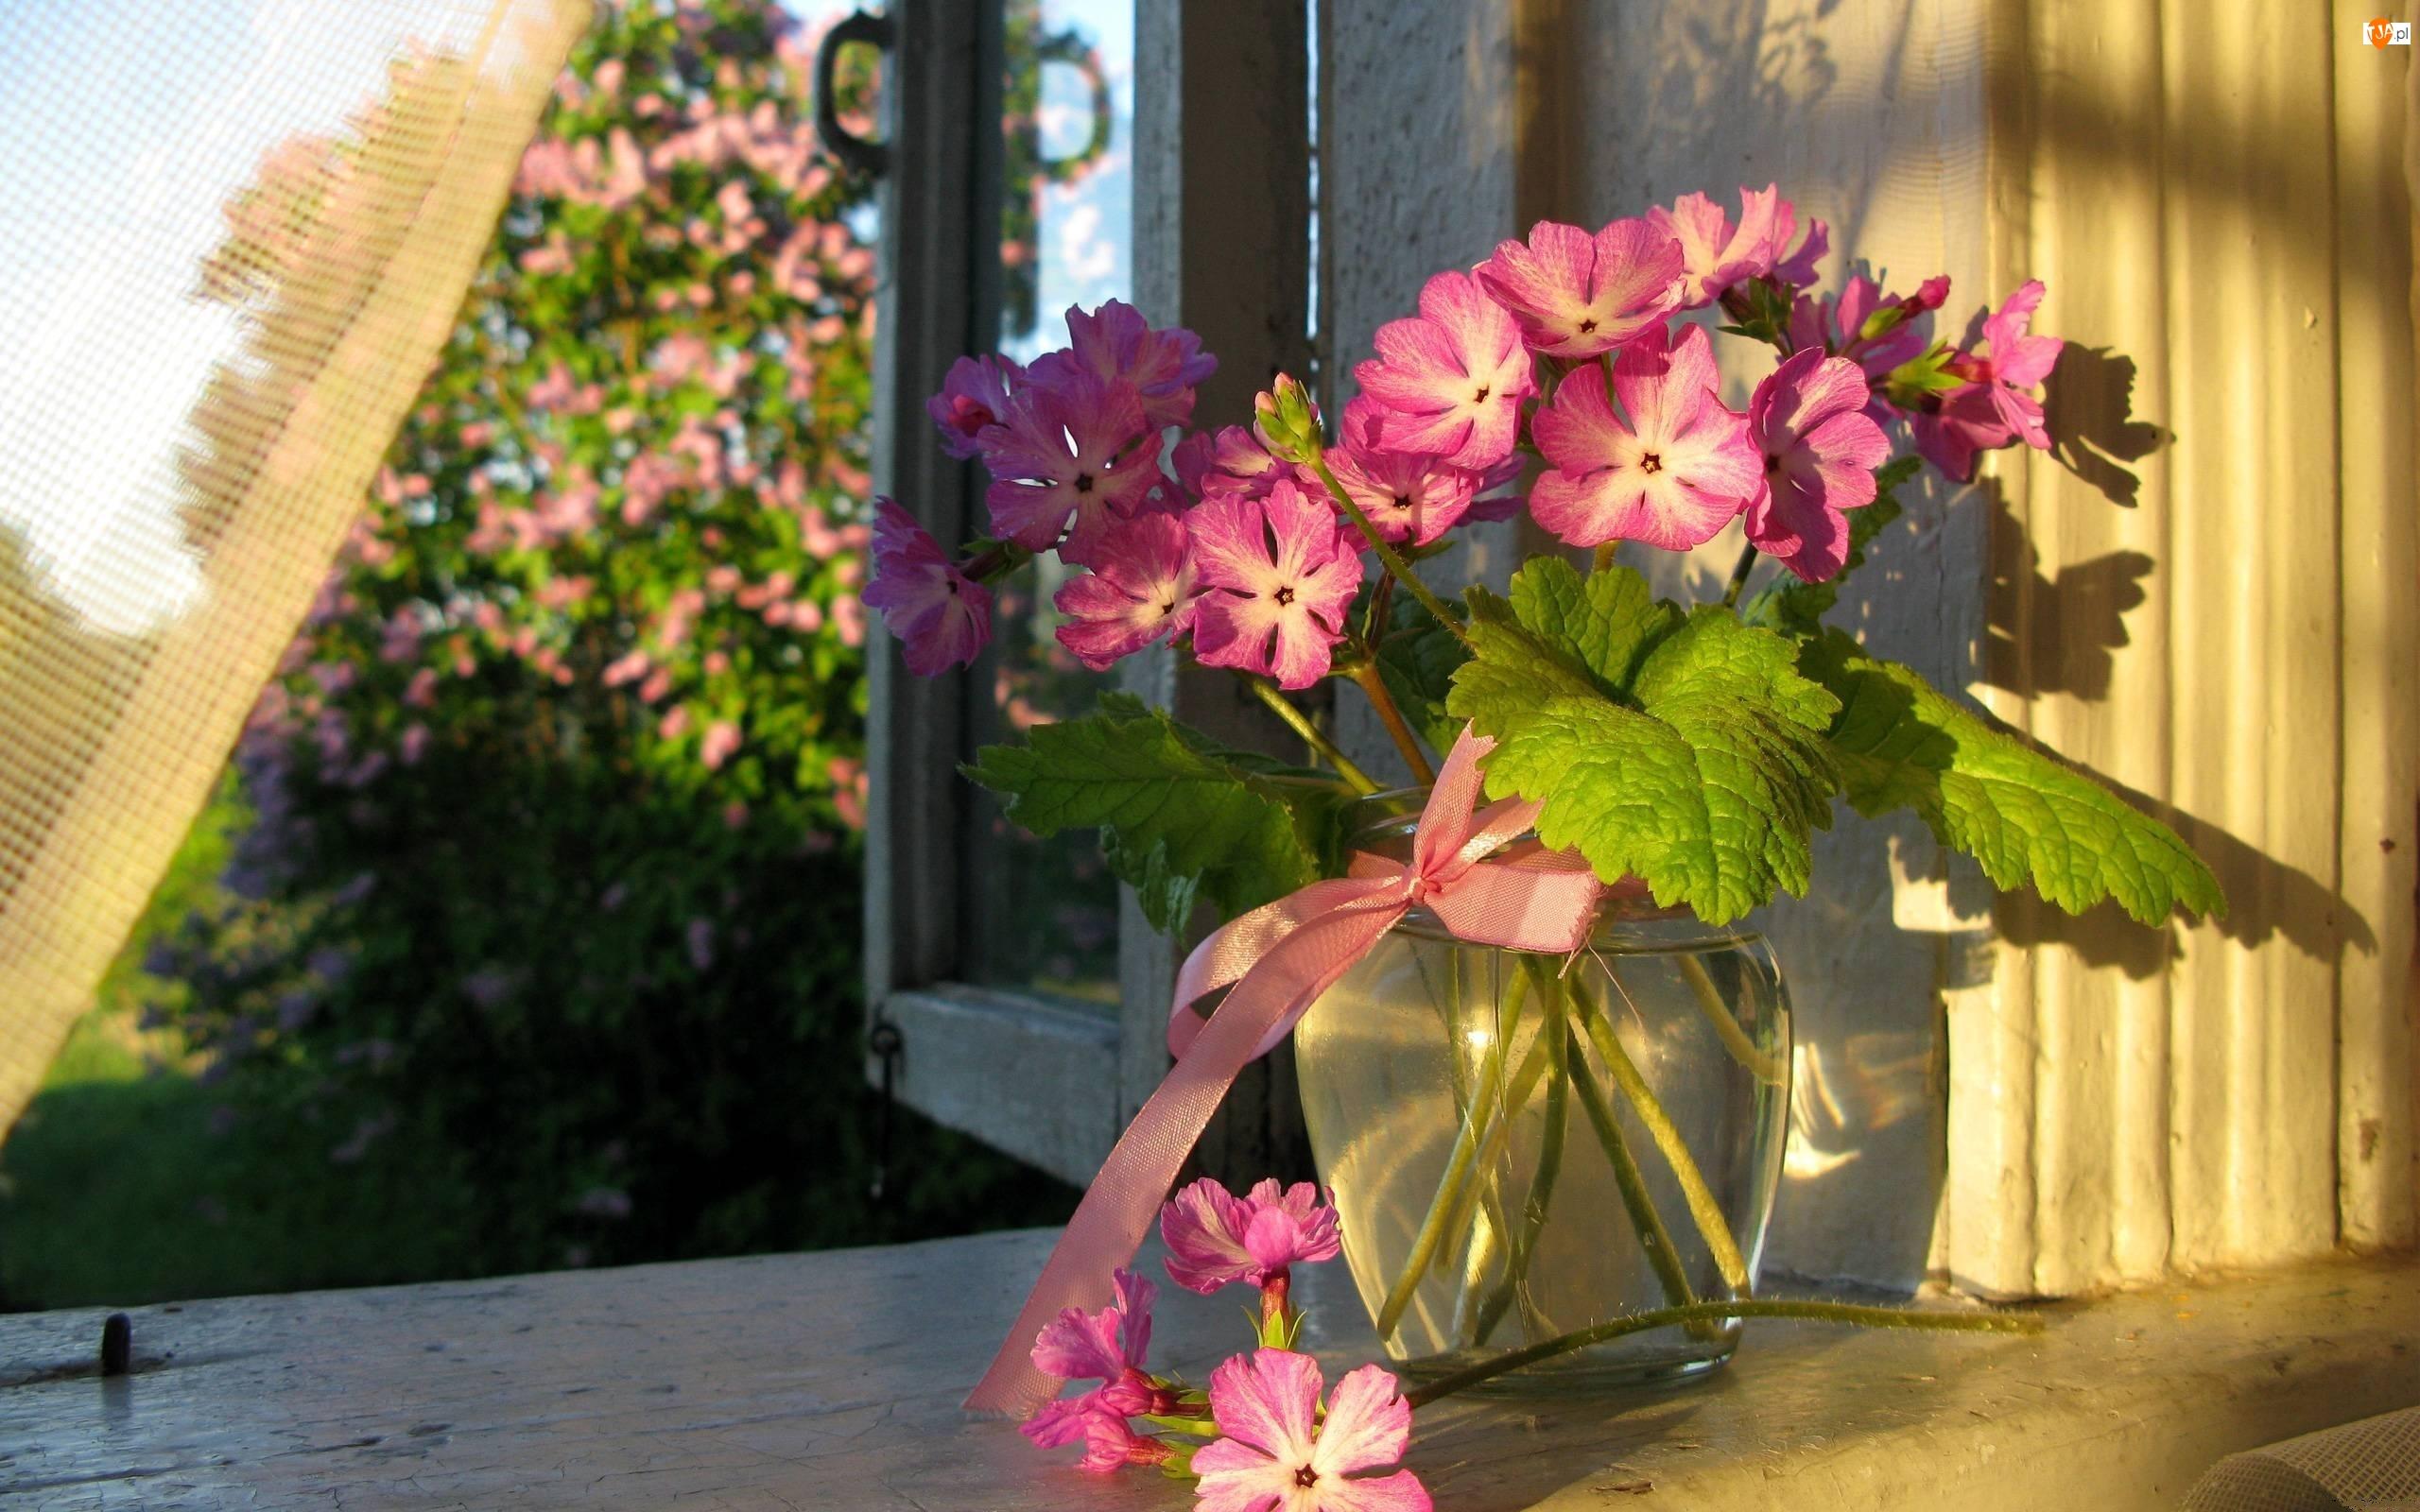 Kwiatów, Okno, Bukiet, Wazon, Różowych